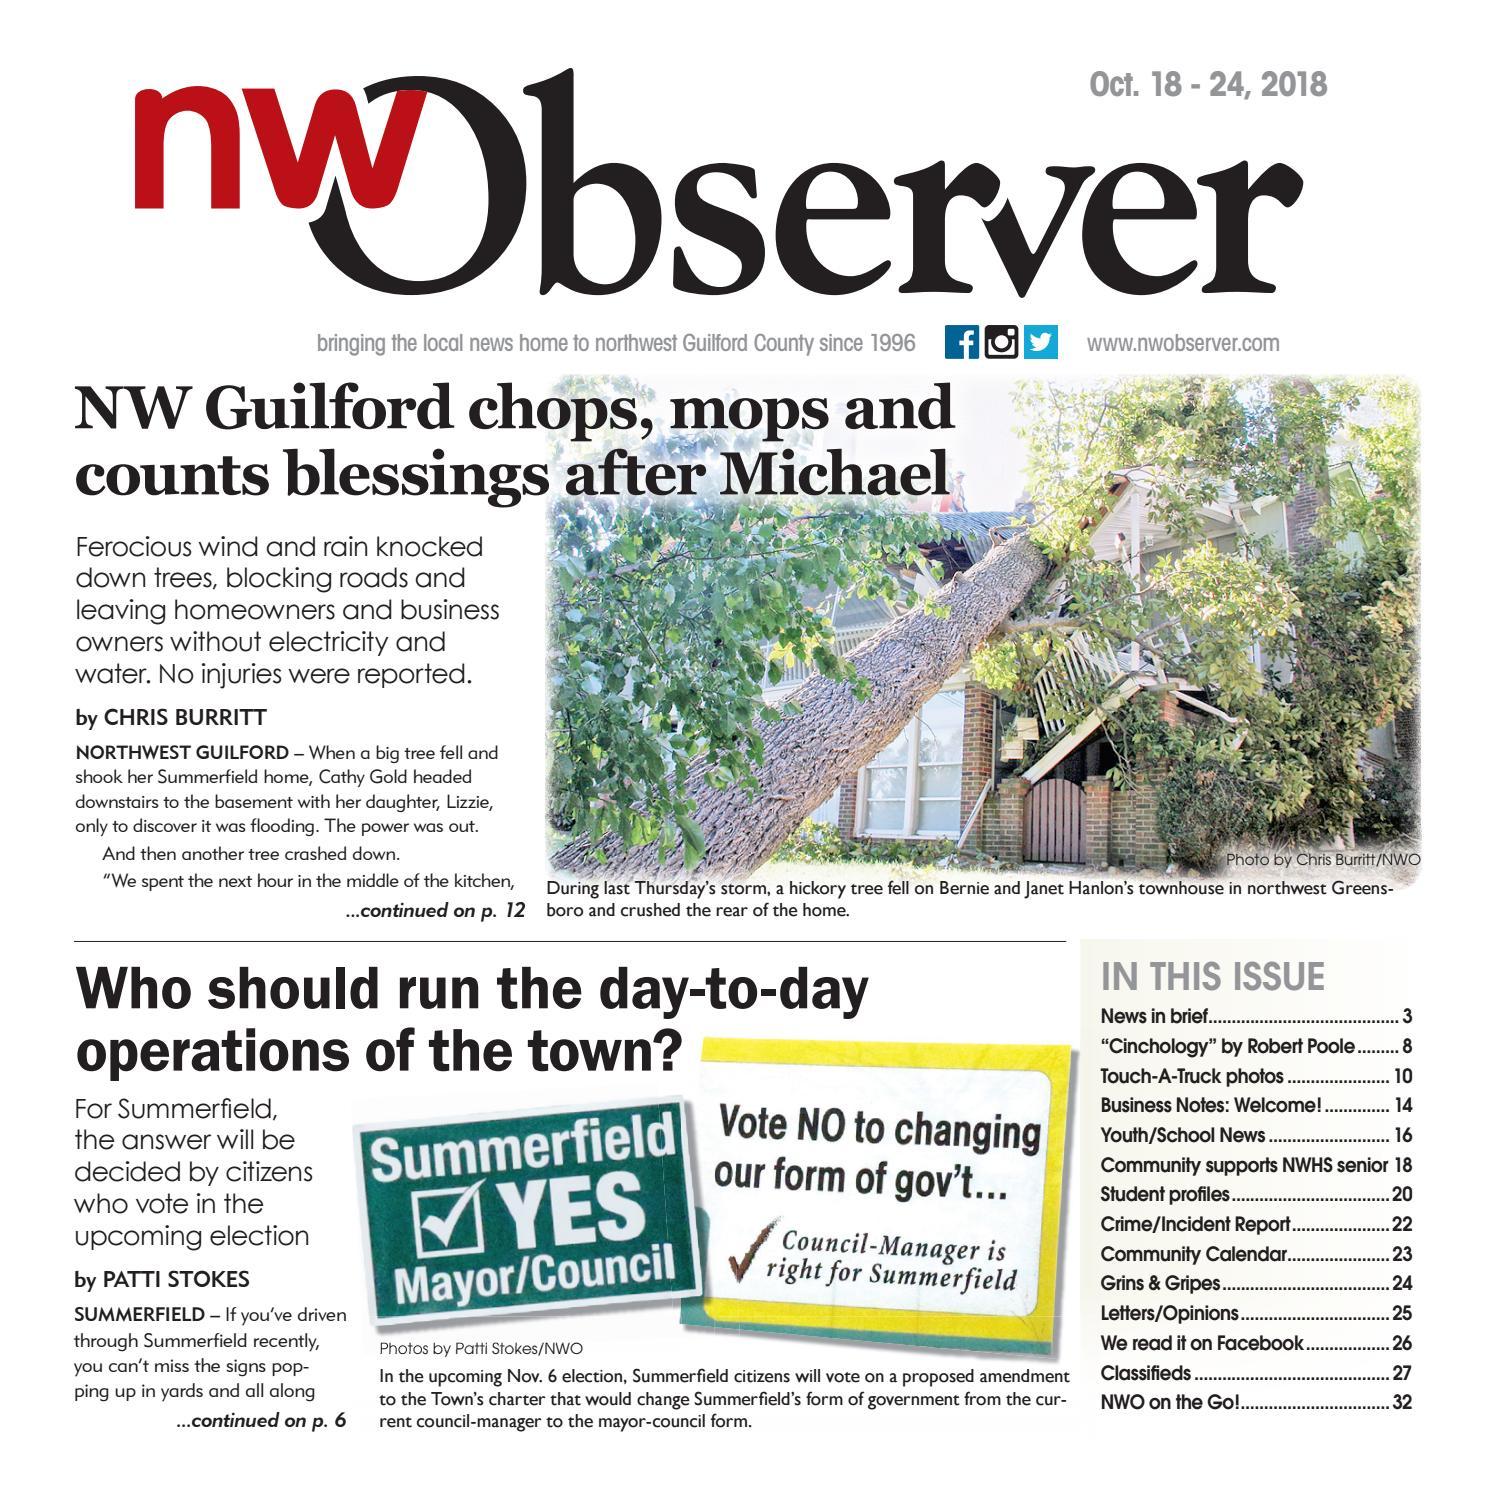 Northwest Observer I October 18 - October 24, 2018 by